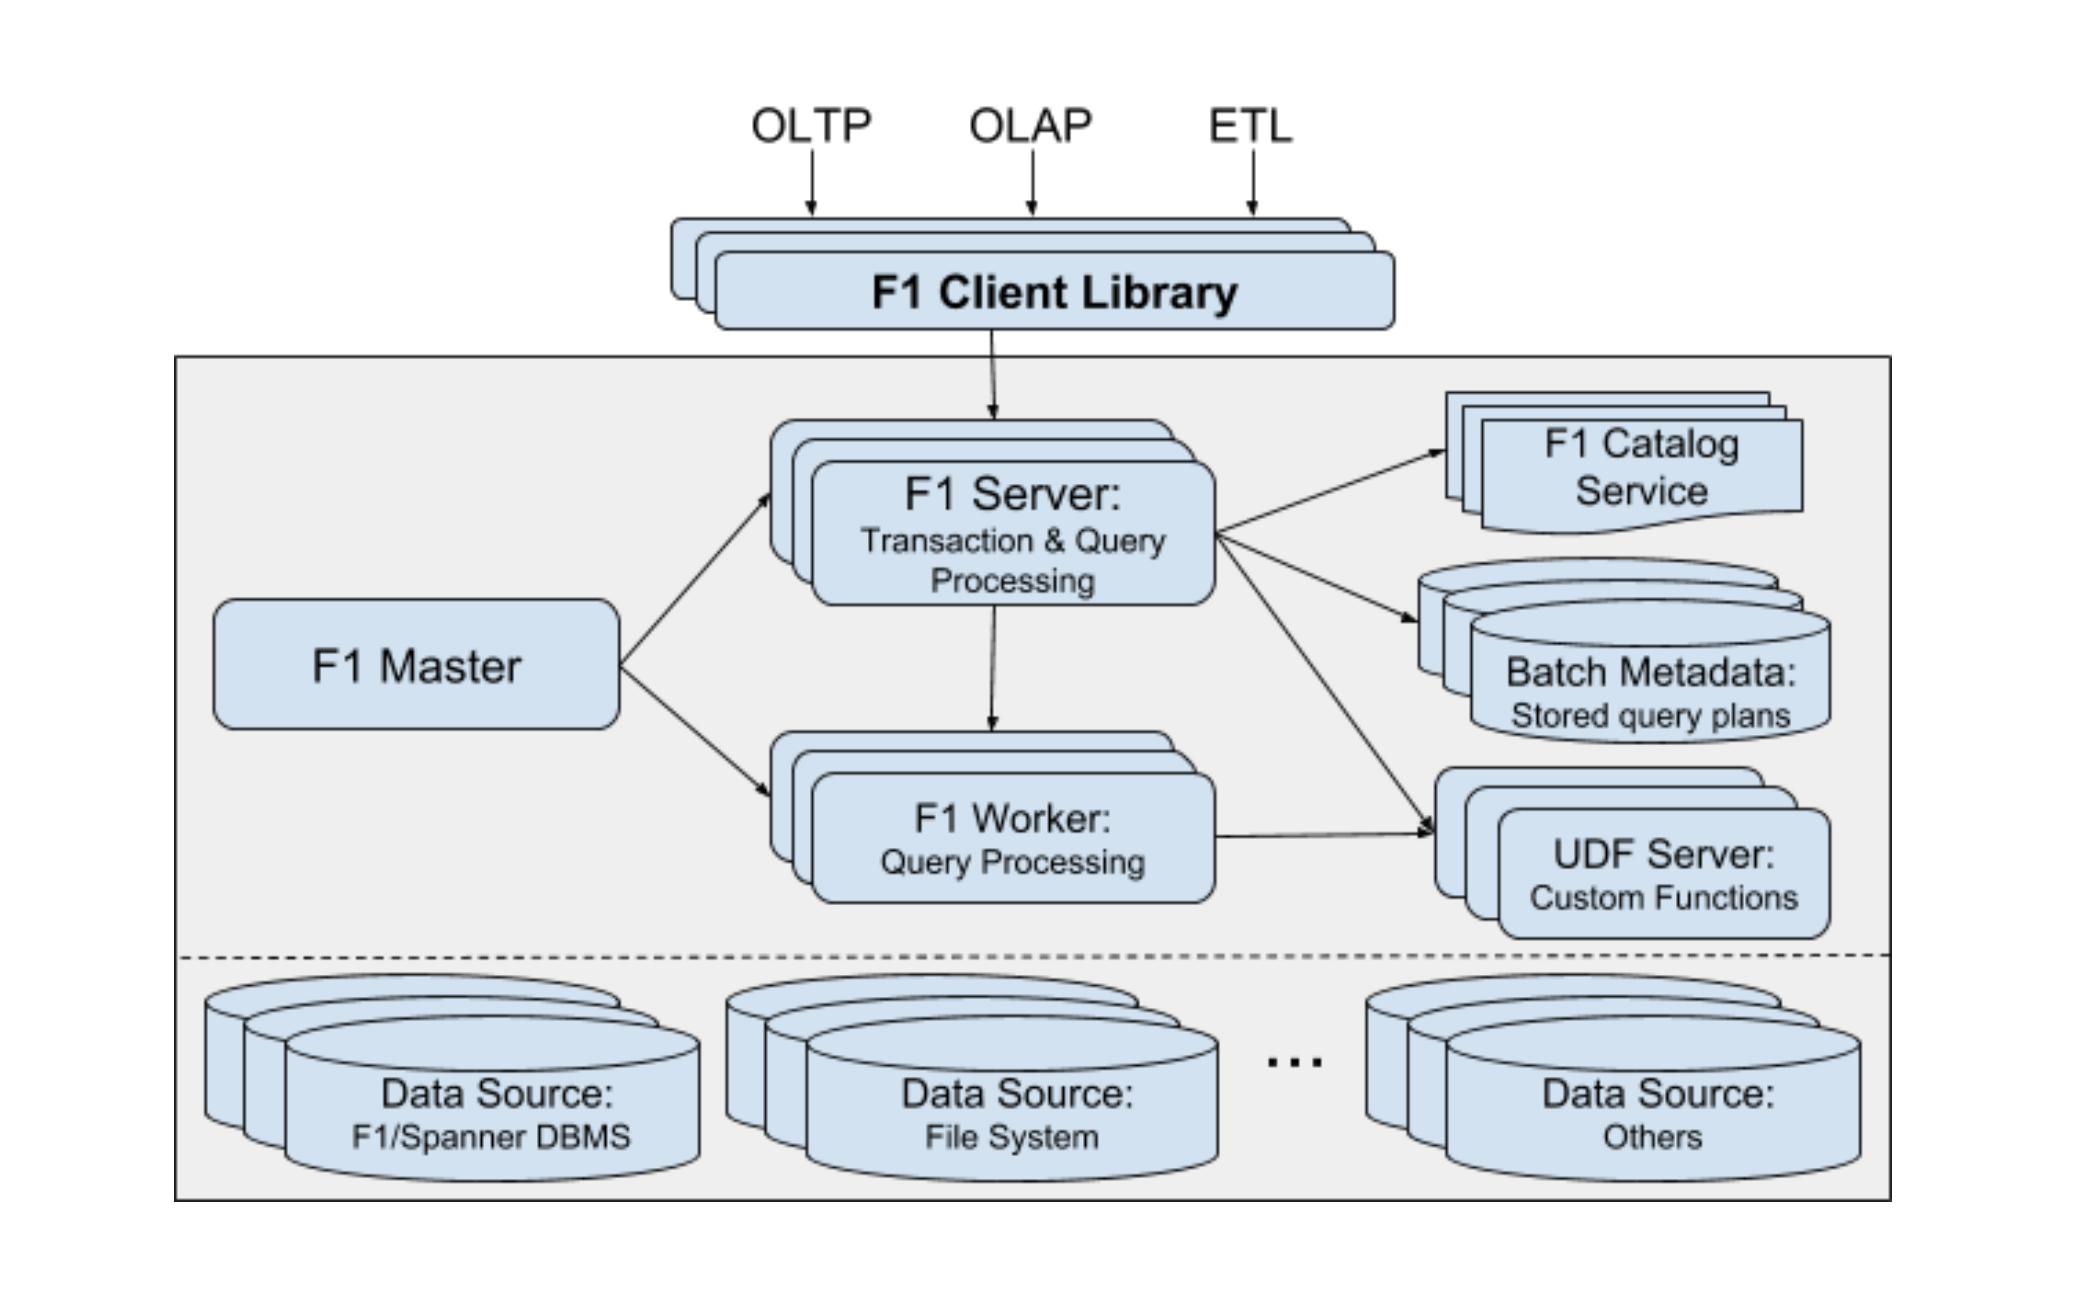 UDF Server